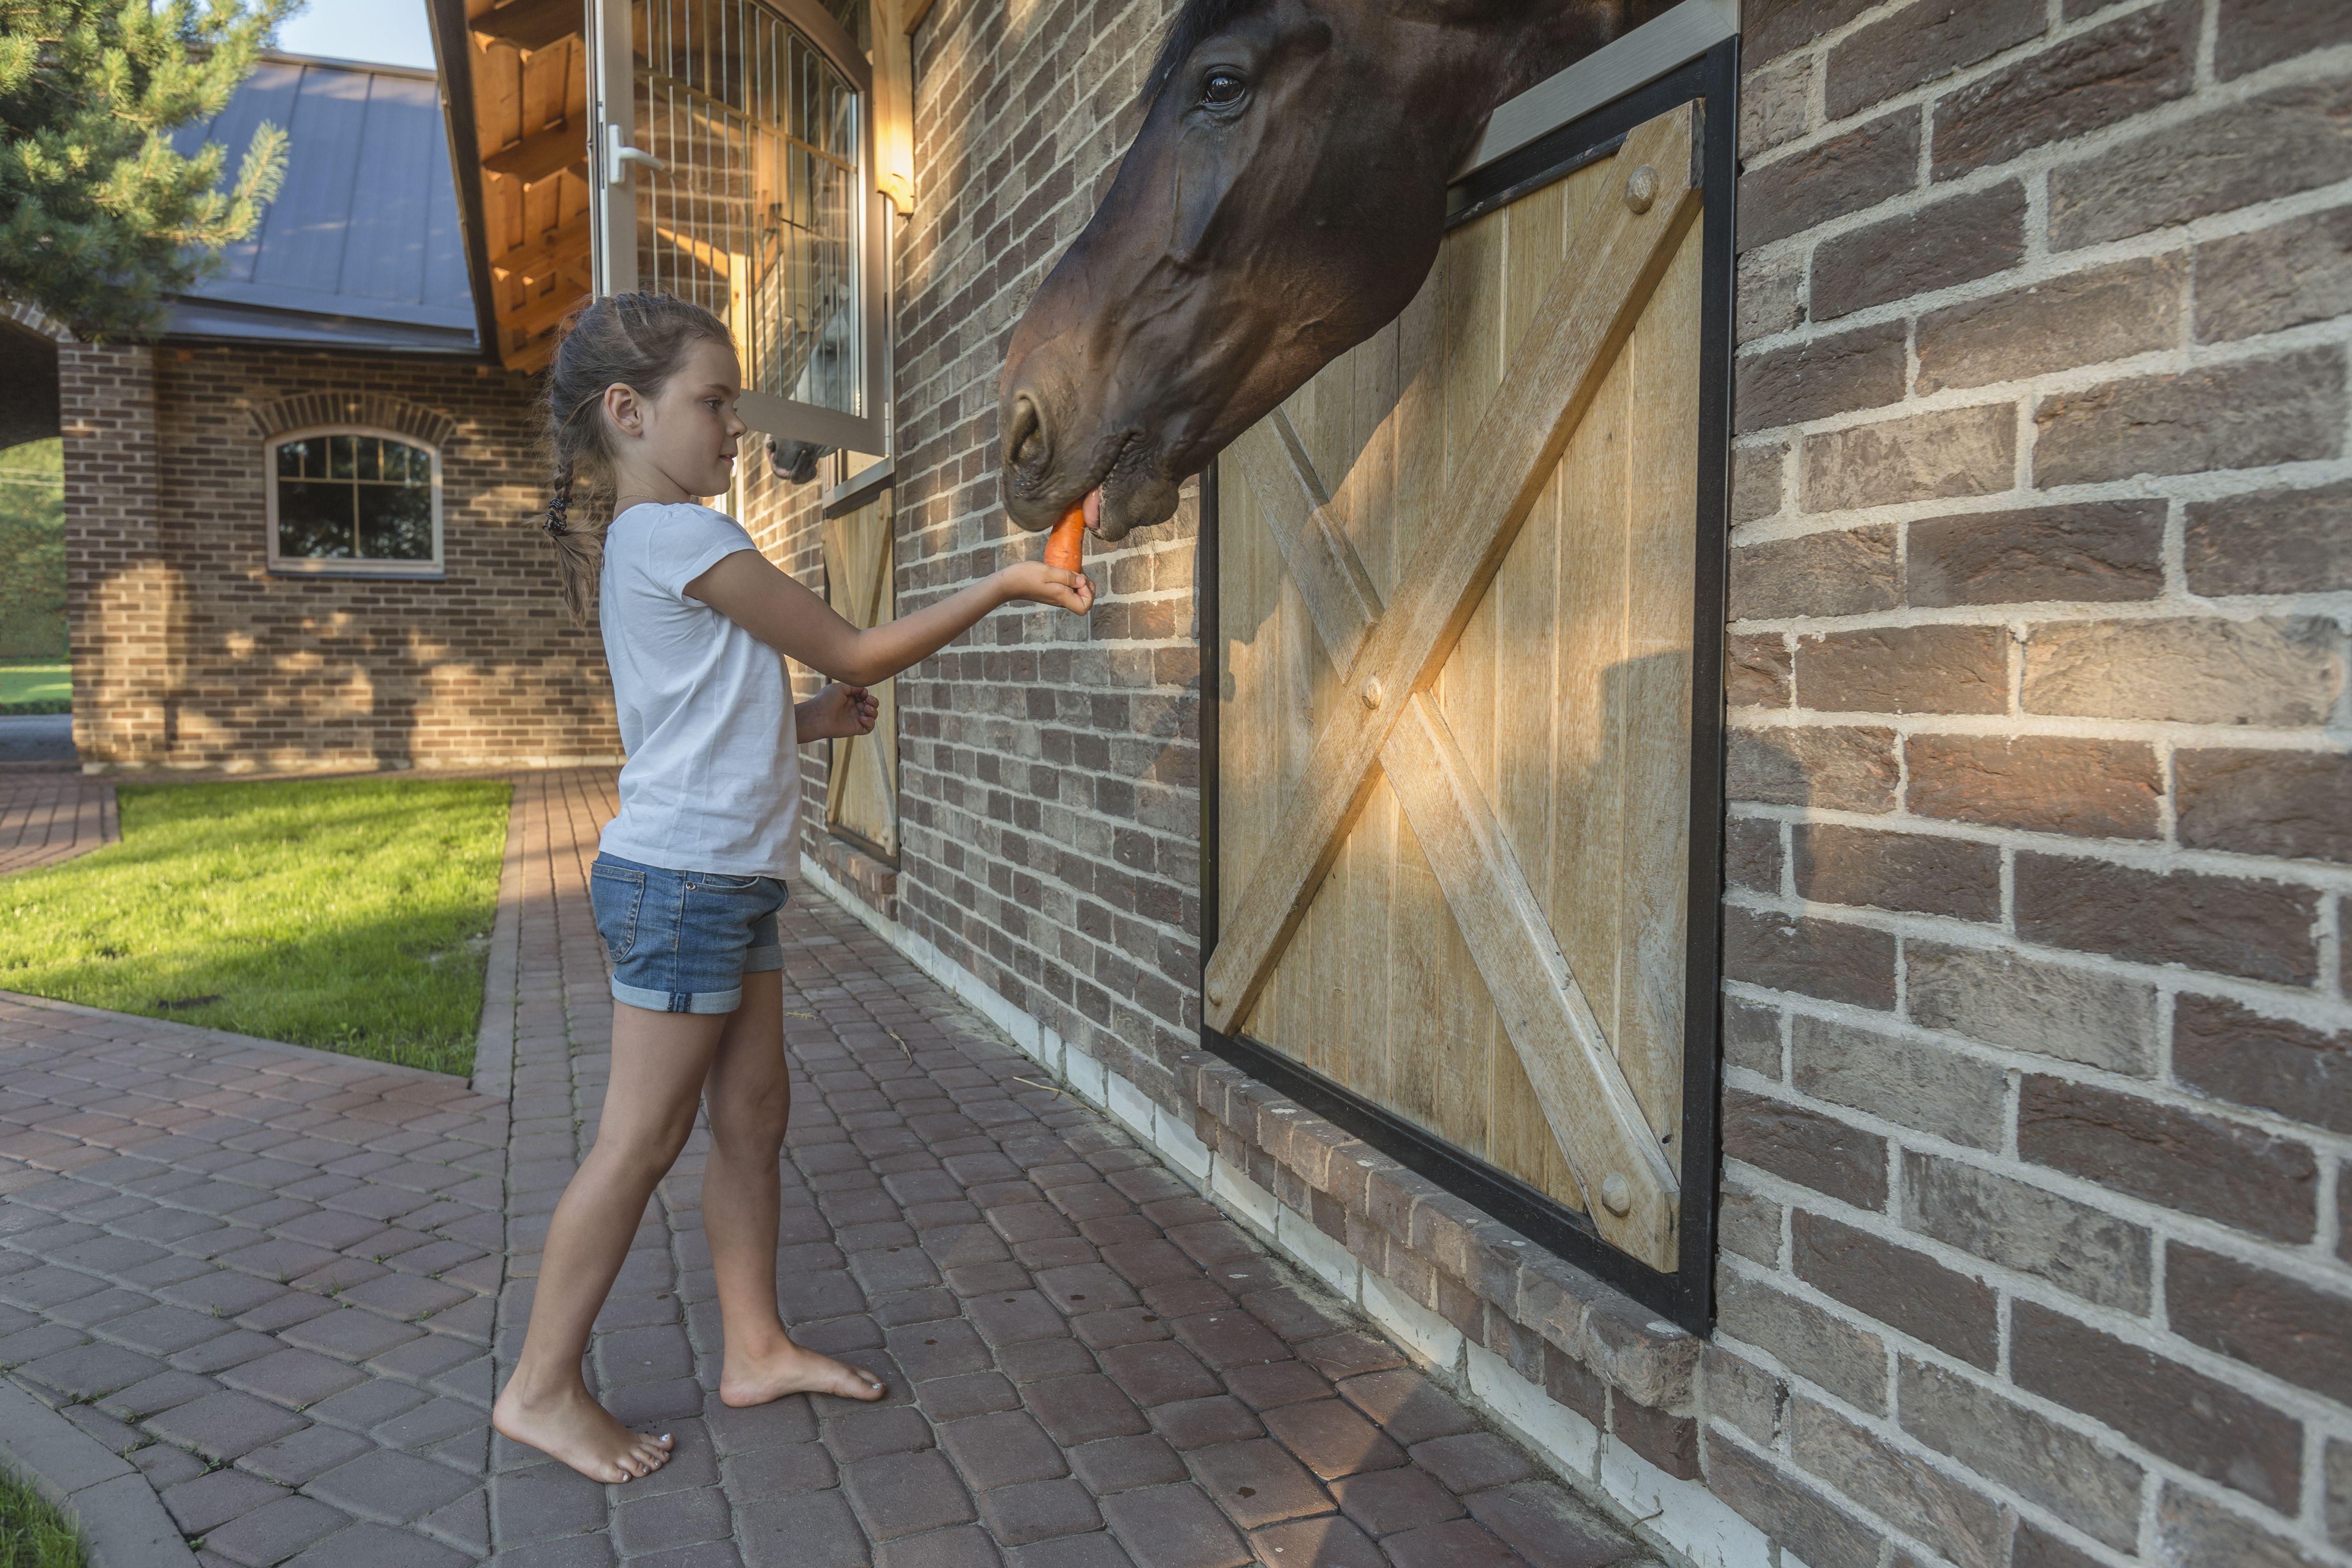 Girl feeding carrot to horse